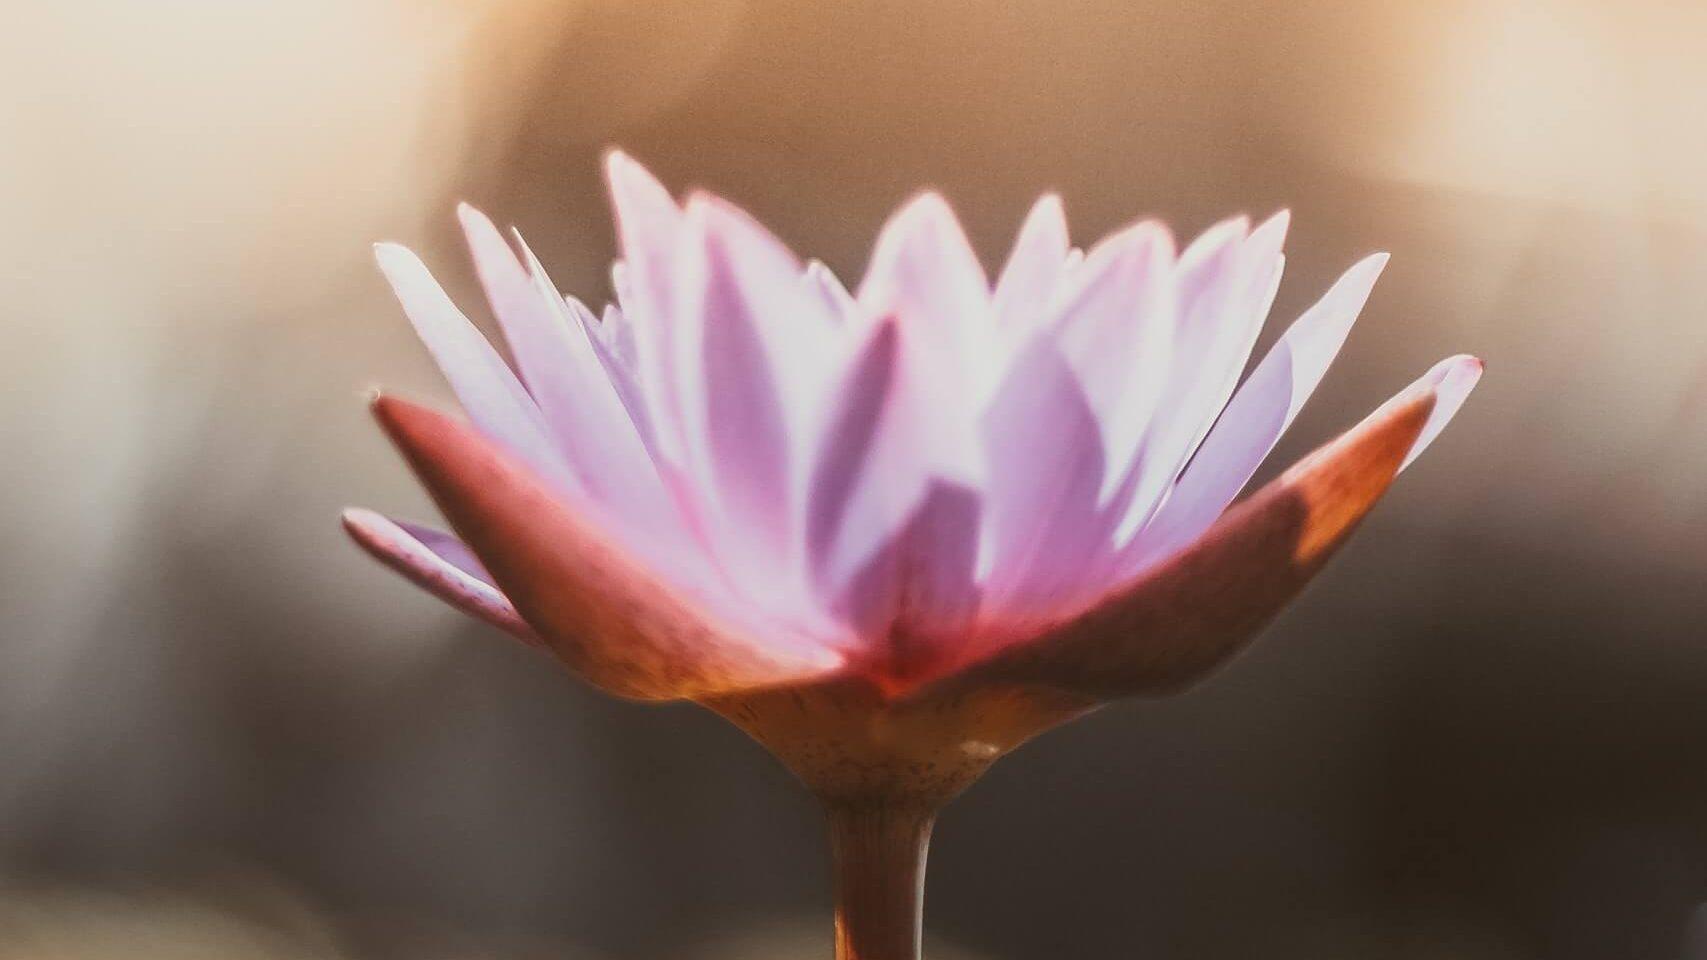 Flor de lótus